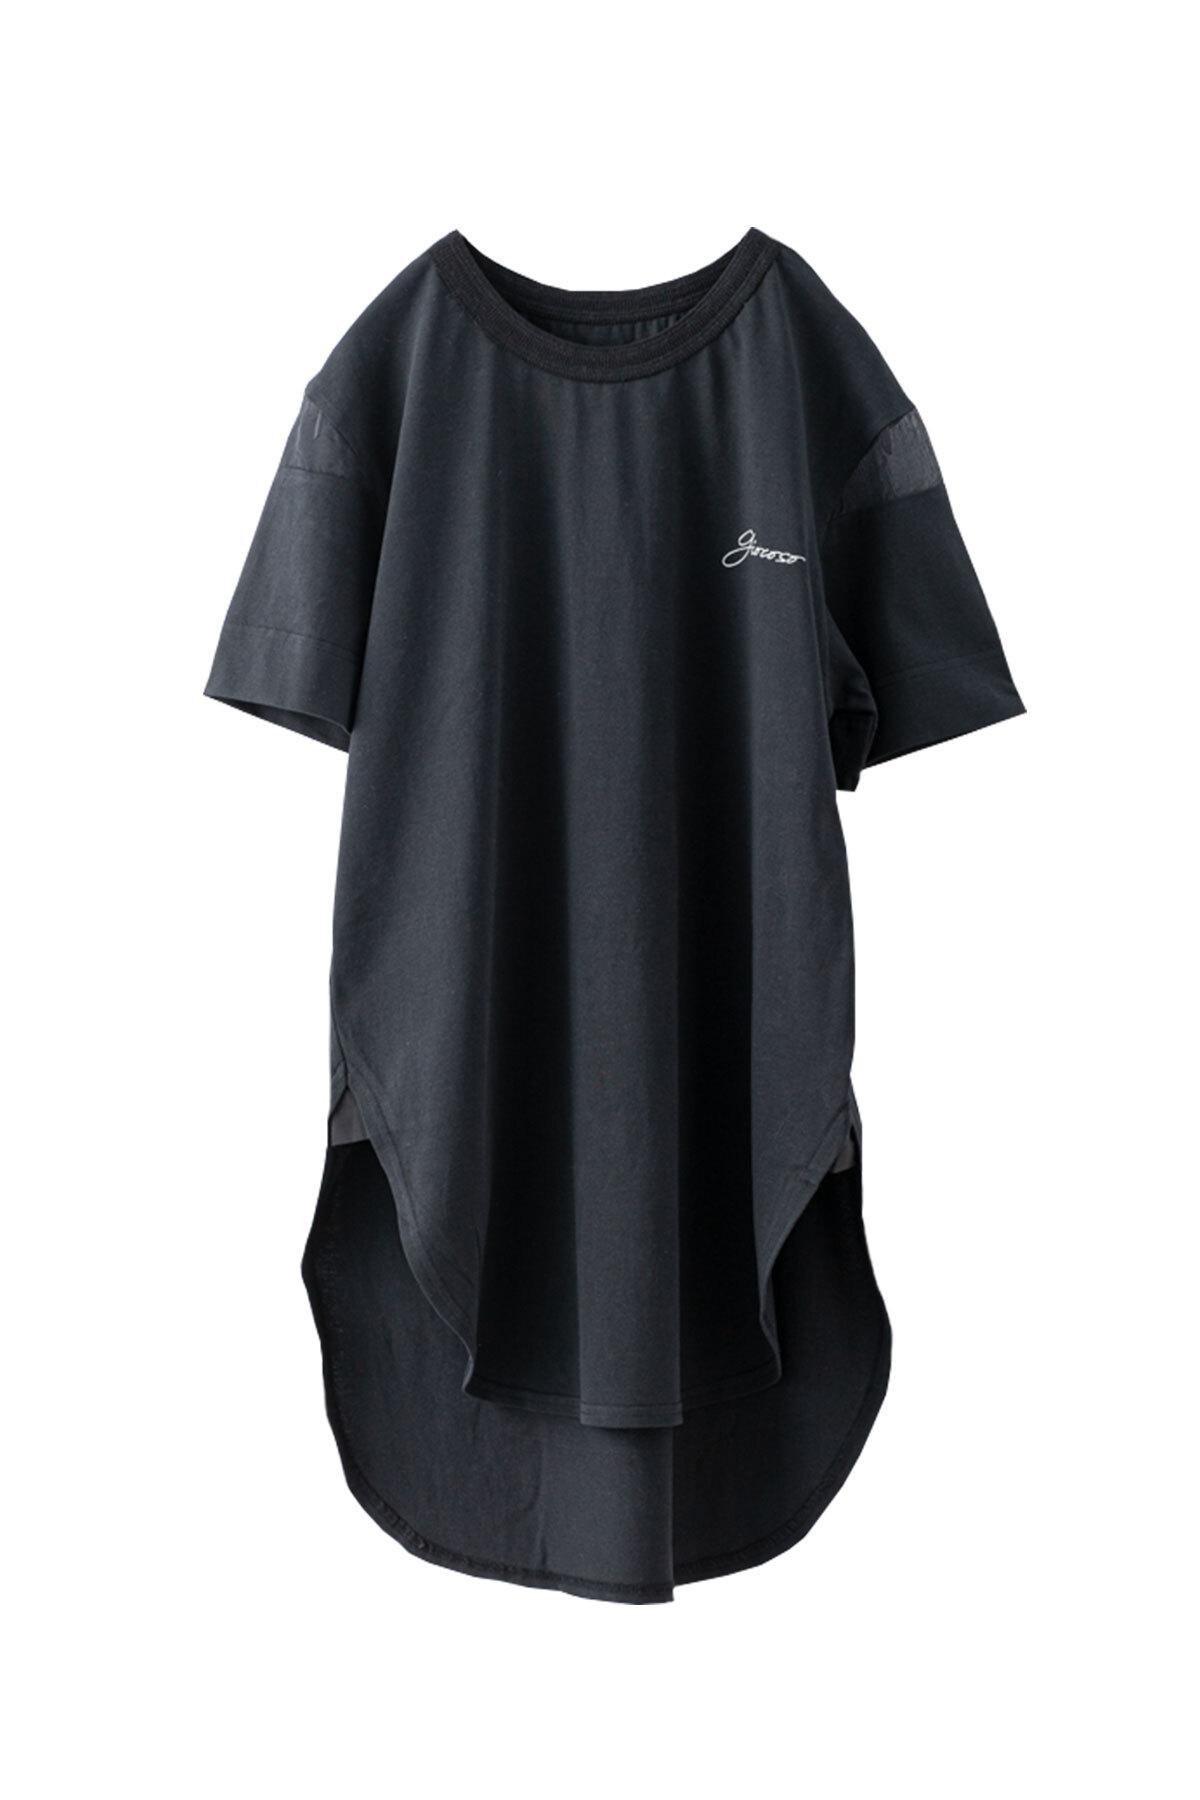 シアースリーブ Tシャツ <ブラック>